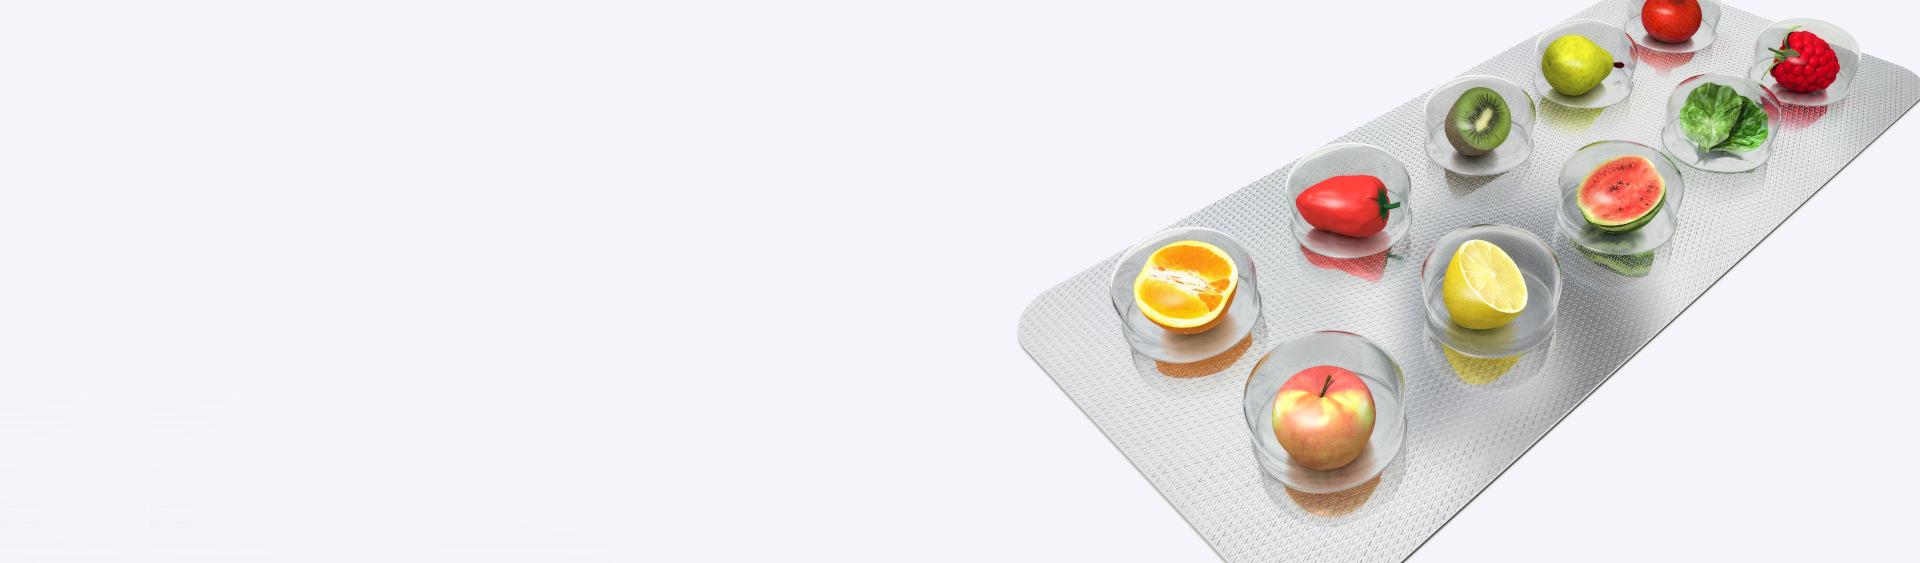 integratori-vitamine-farmacia